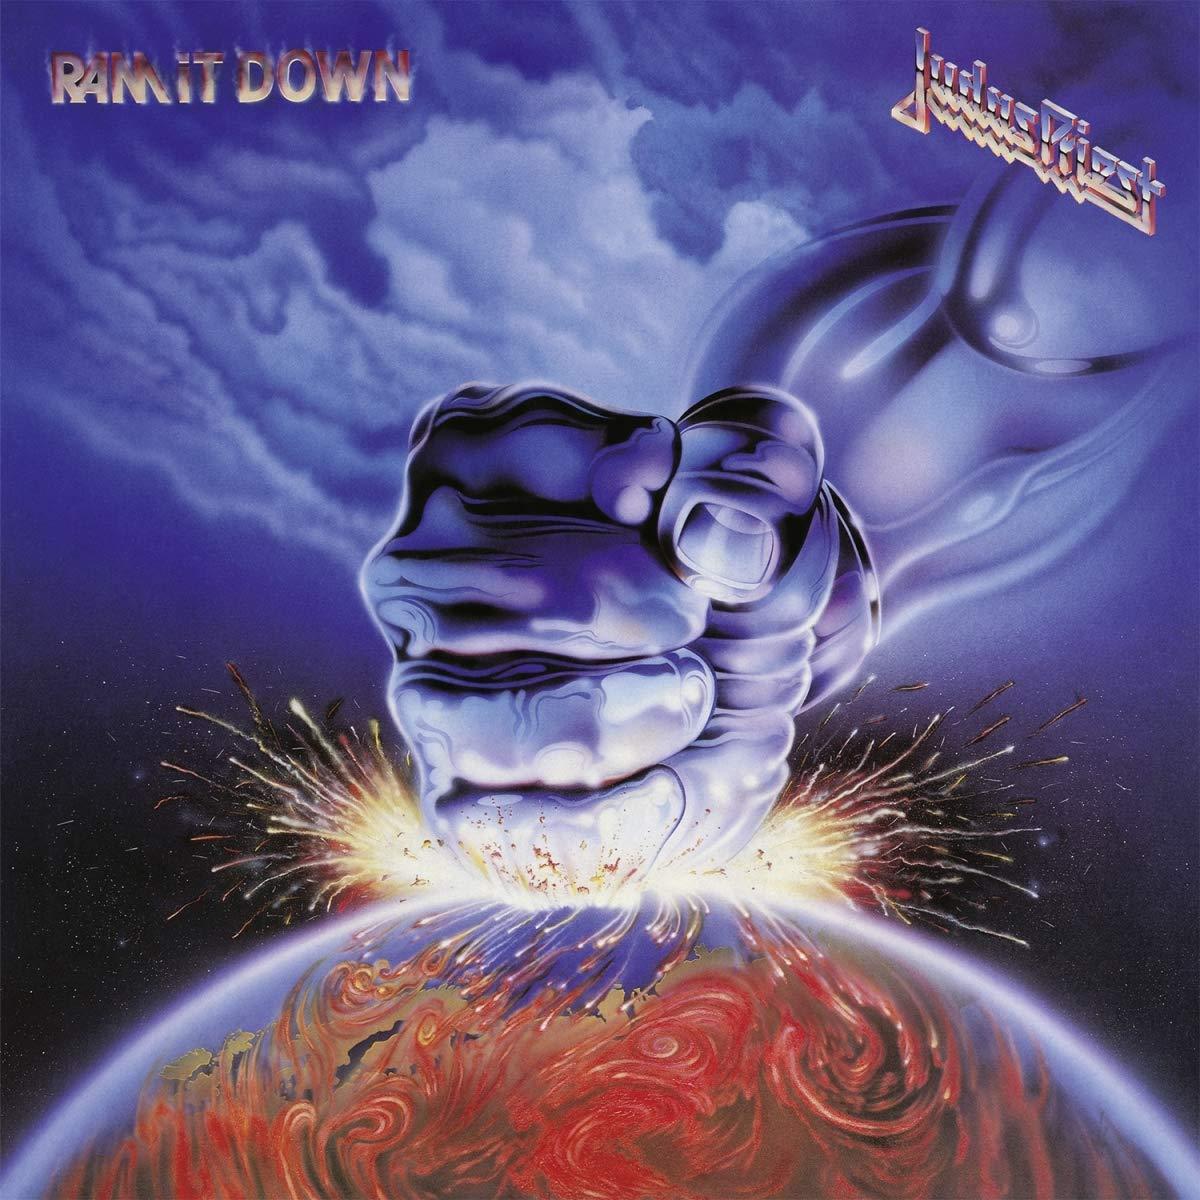 Ram It Down - Vinyl thumbnail